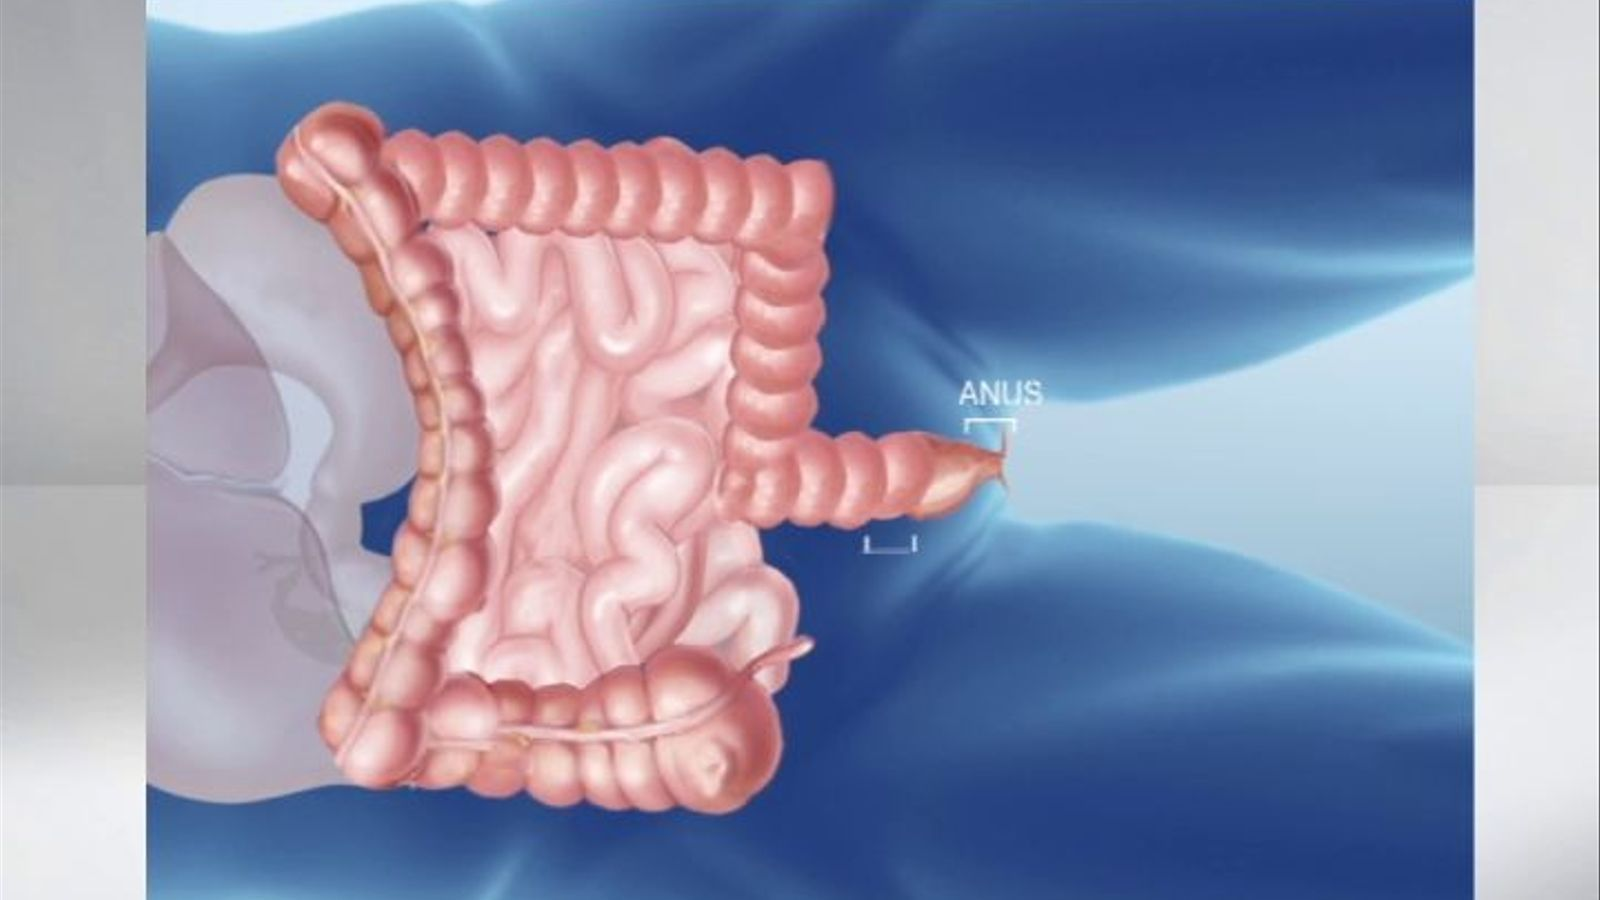 Operació pionera a l'Hospital Clínic: extracció del còlon sencer per l'anus